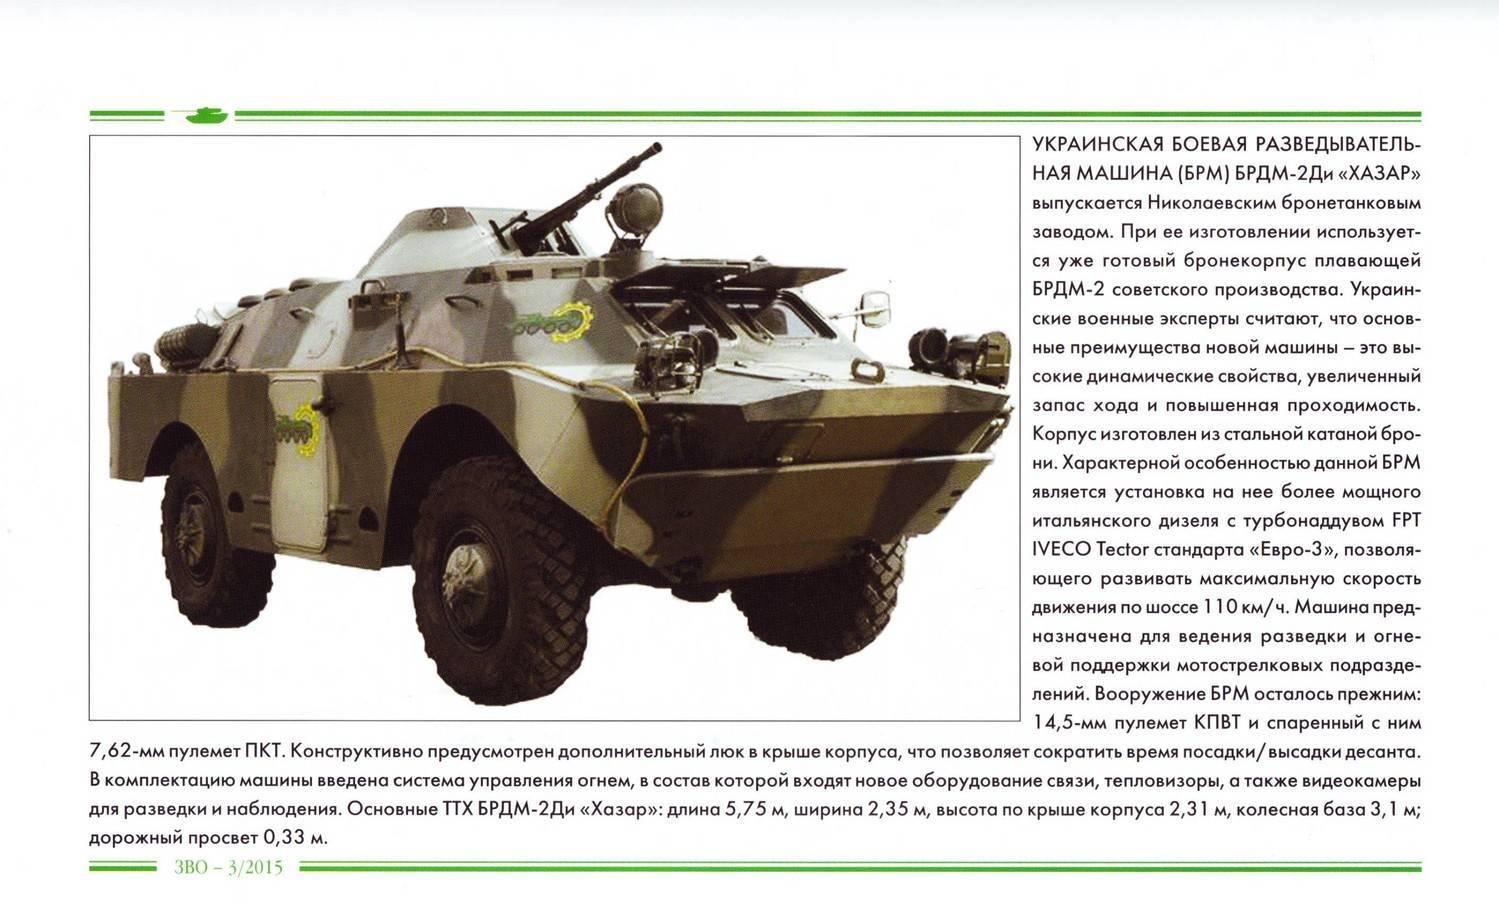 Брдм-1 двигатель, вес, размеры, вооружение